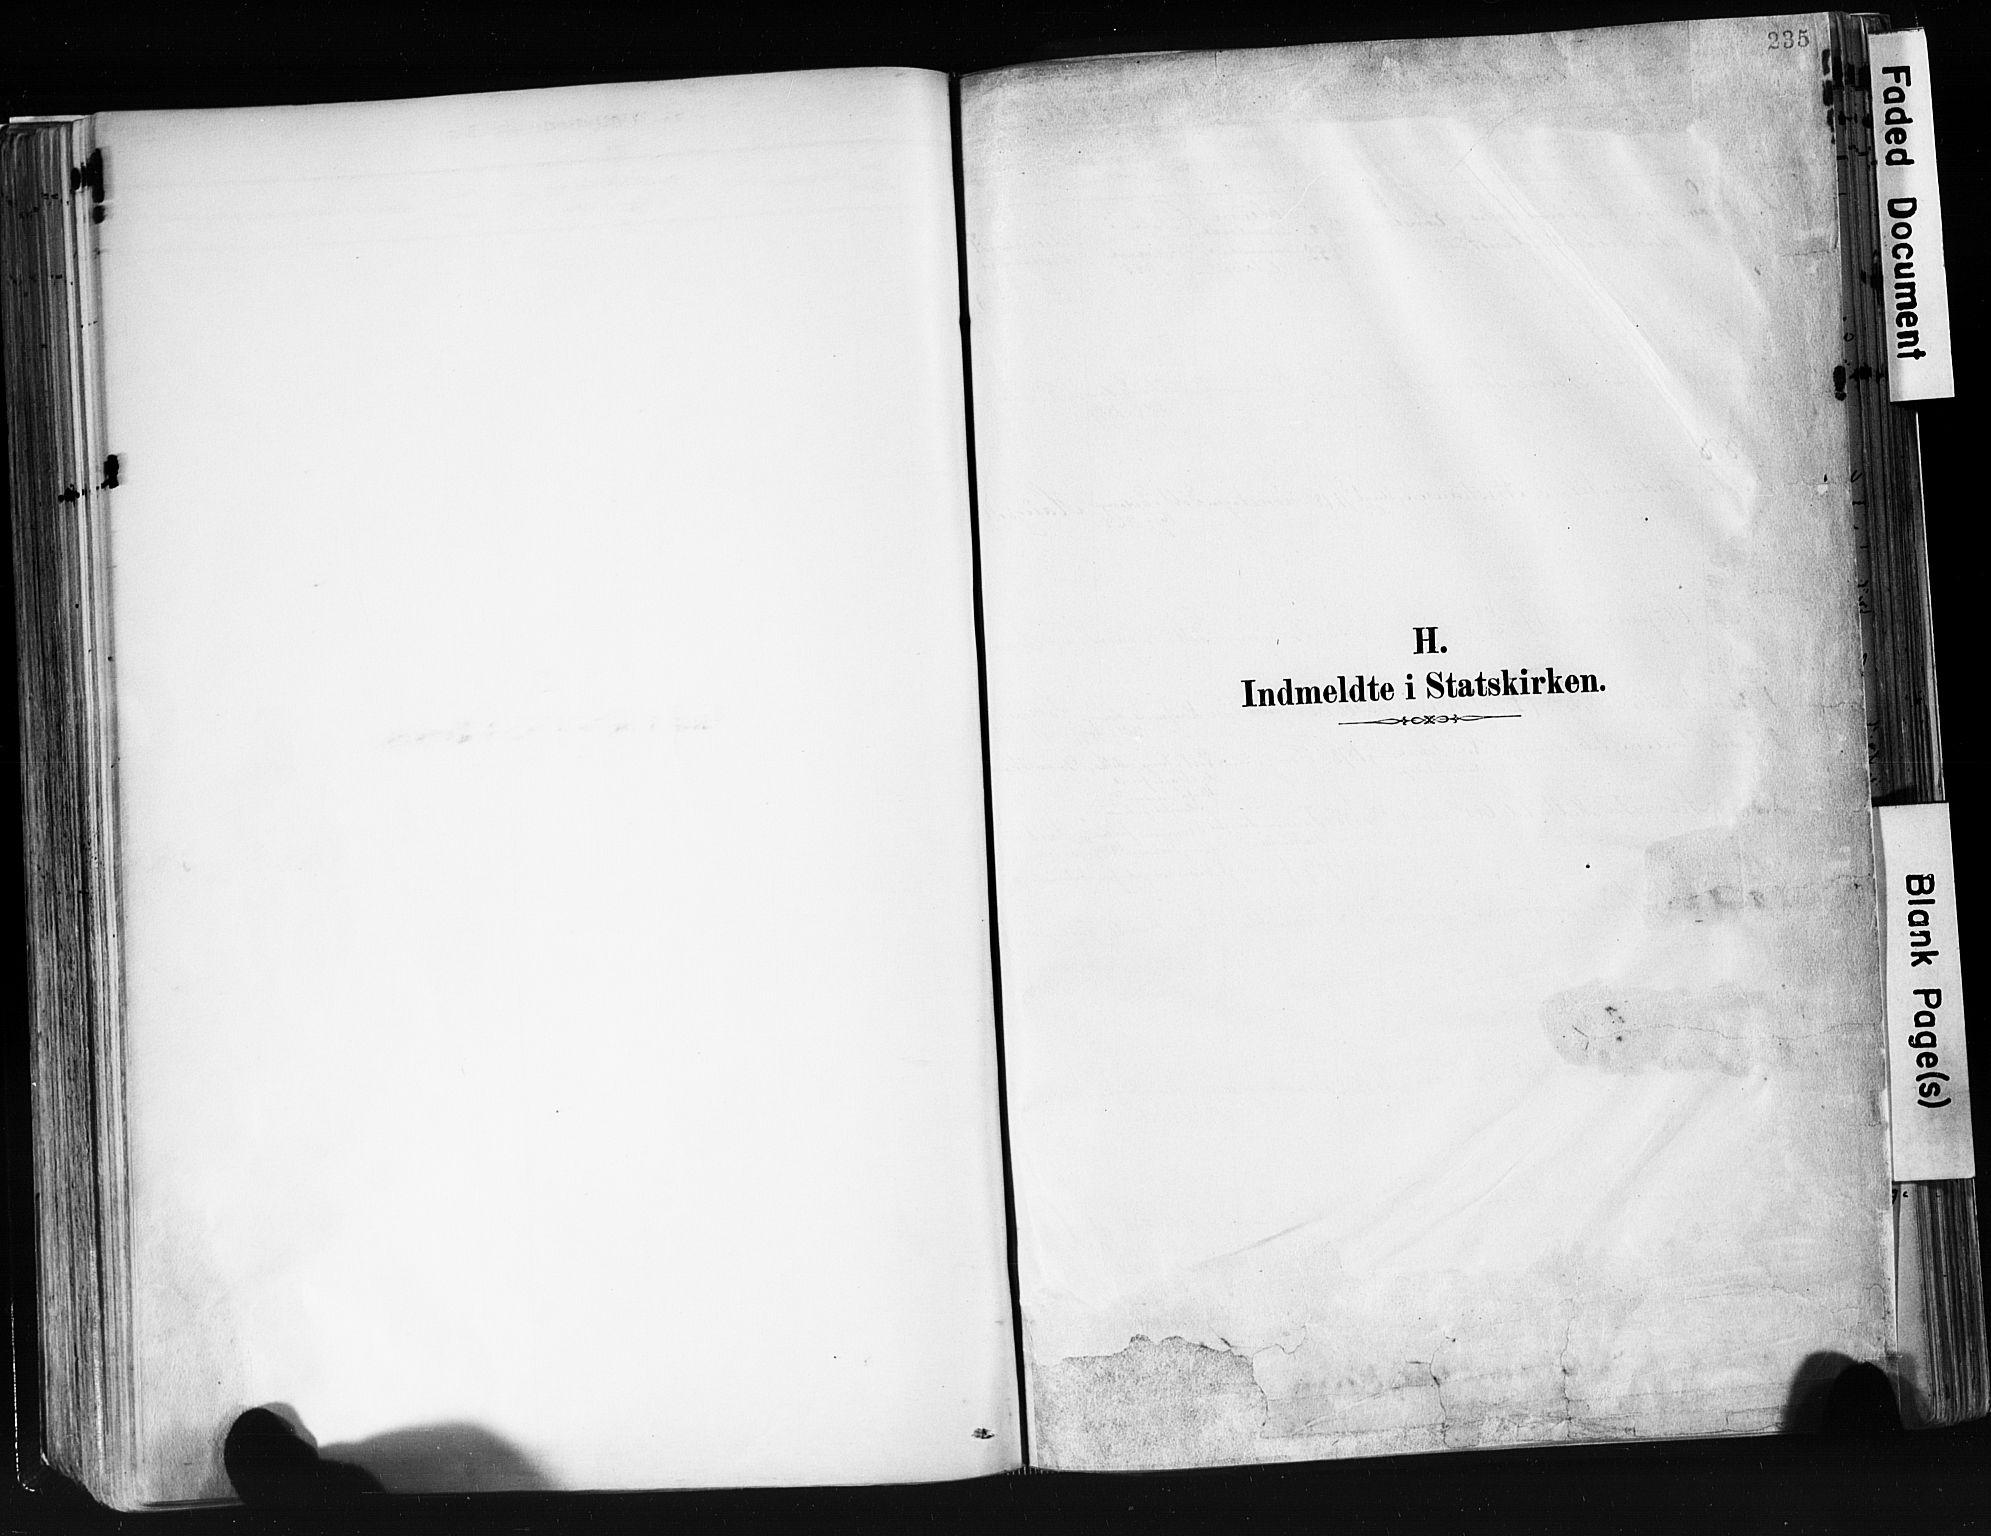 SAKO, Eidanger kirkebøker, F/Fa/L0012: Ministerialbok nr. 12, 1879-1900, s. 235